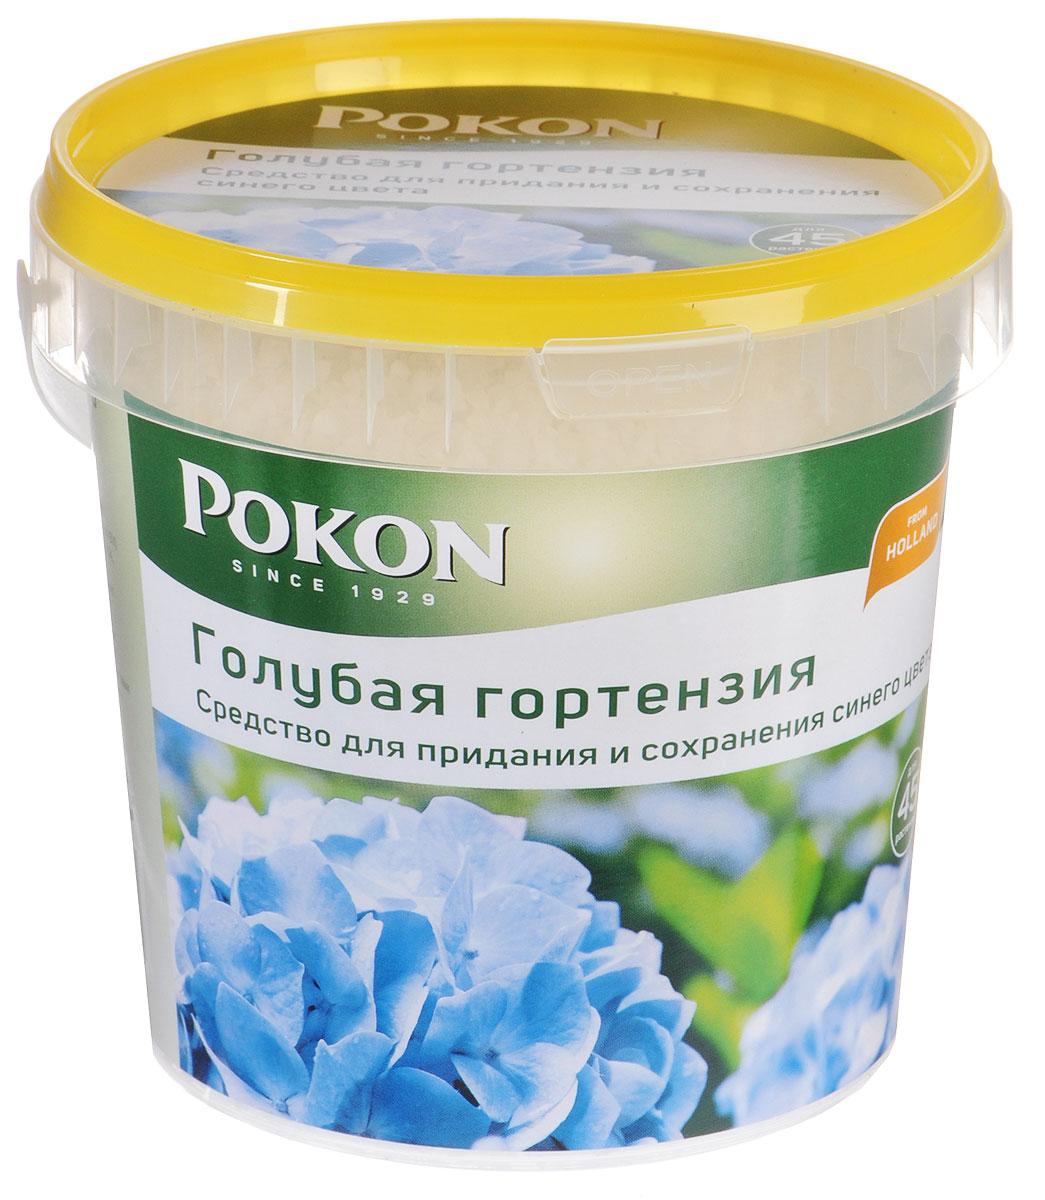 Средство для придания и сохранения синего цвета Pokon Голубая гортензия, 900 г7582811168/S343168ВСо временем голубые гортензии утрачивают свой цвет и становятся розовыми, если они растут в почве, бедной солями алюминия. У этой проблемы есть решение. Средство Pokon быстро возвращает соцветиям голубой гортензии яркий и насыщенный цвет. Инструкция по применению: - Отмерьте нужное количество мерной крышечкой (15-20 г на 1 растение, в зависимости от размера). - Растворите средство в воде для полива (10 г на 1 л воды). - Полейте растения. - Не применяйте при температуре воздуха выше +15°С. - Используйте с июля по сентябрь. Состав: на основе сульфата алюминия - Al2(SO4)3. Средство по уходу за растениями соответствует нормам ЕС. Товар сертифицирован.